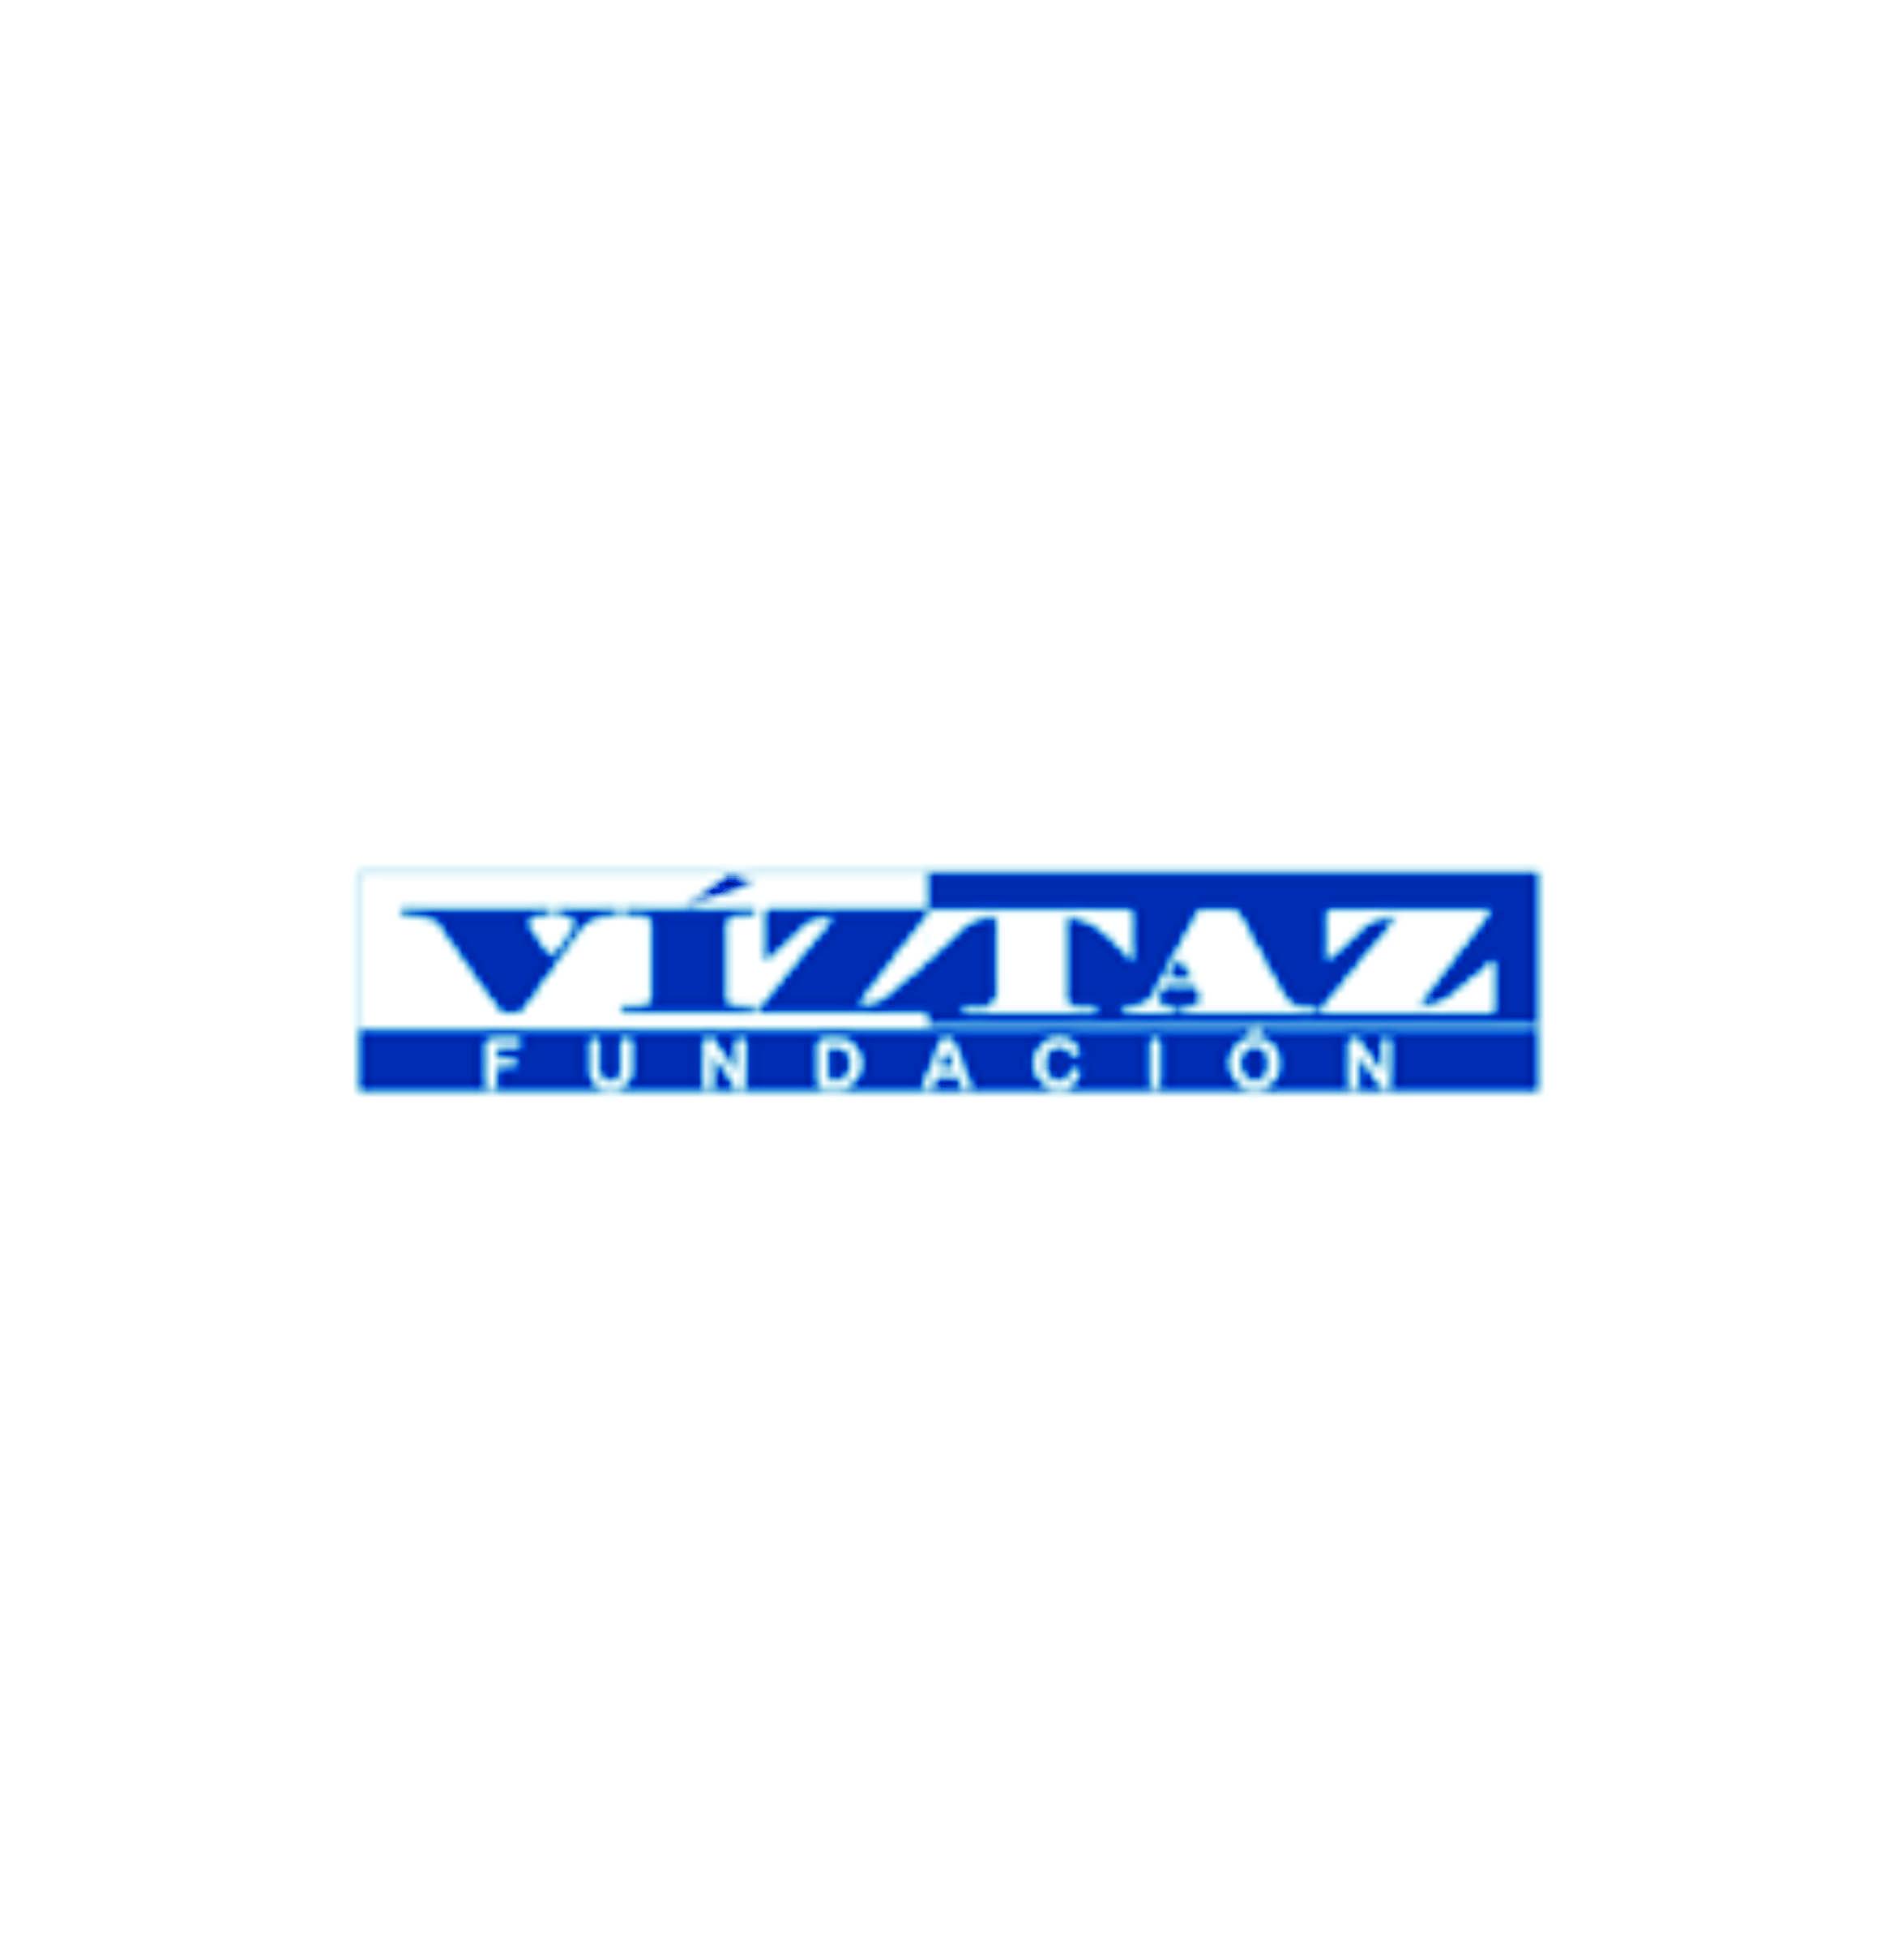 Fundación Viztaz